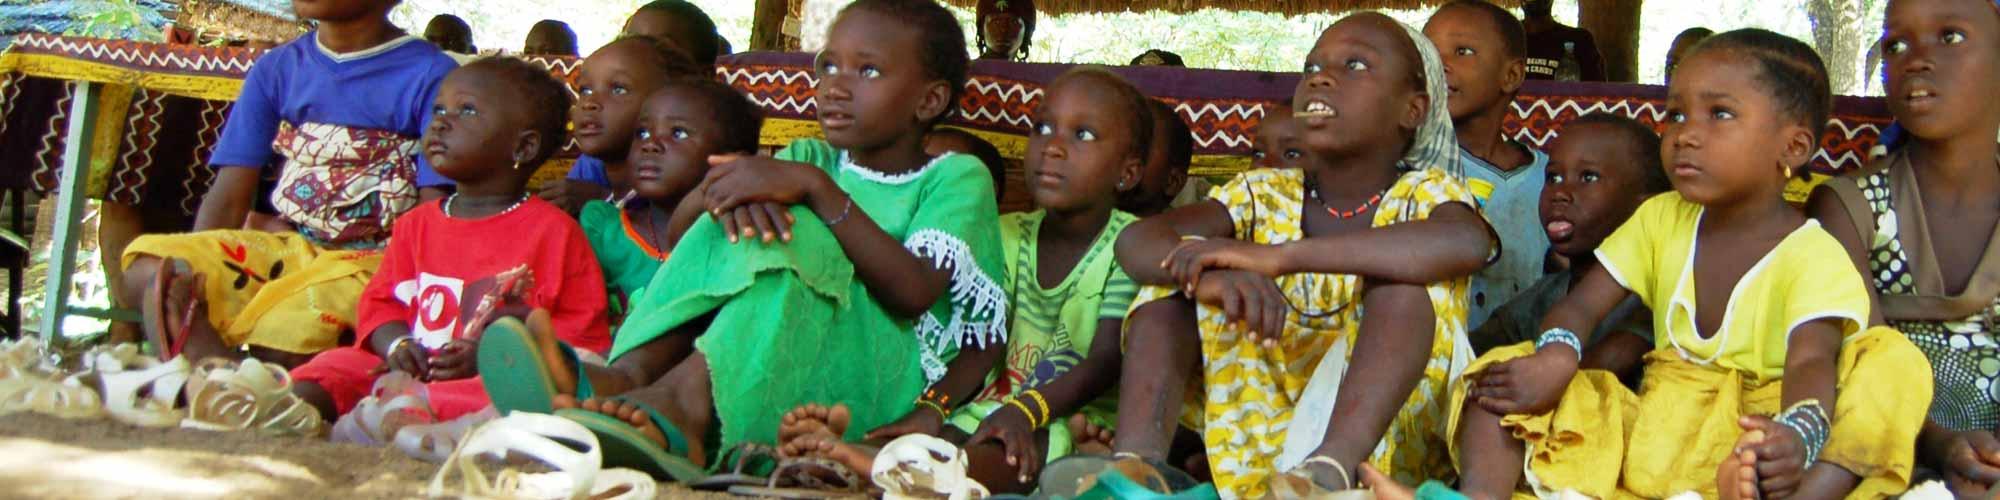 Senegal Solidario - El Pais Viajes